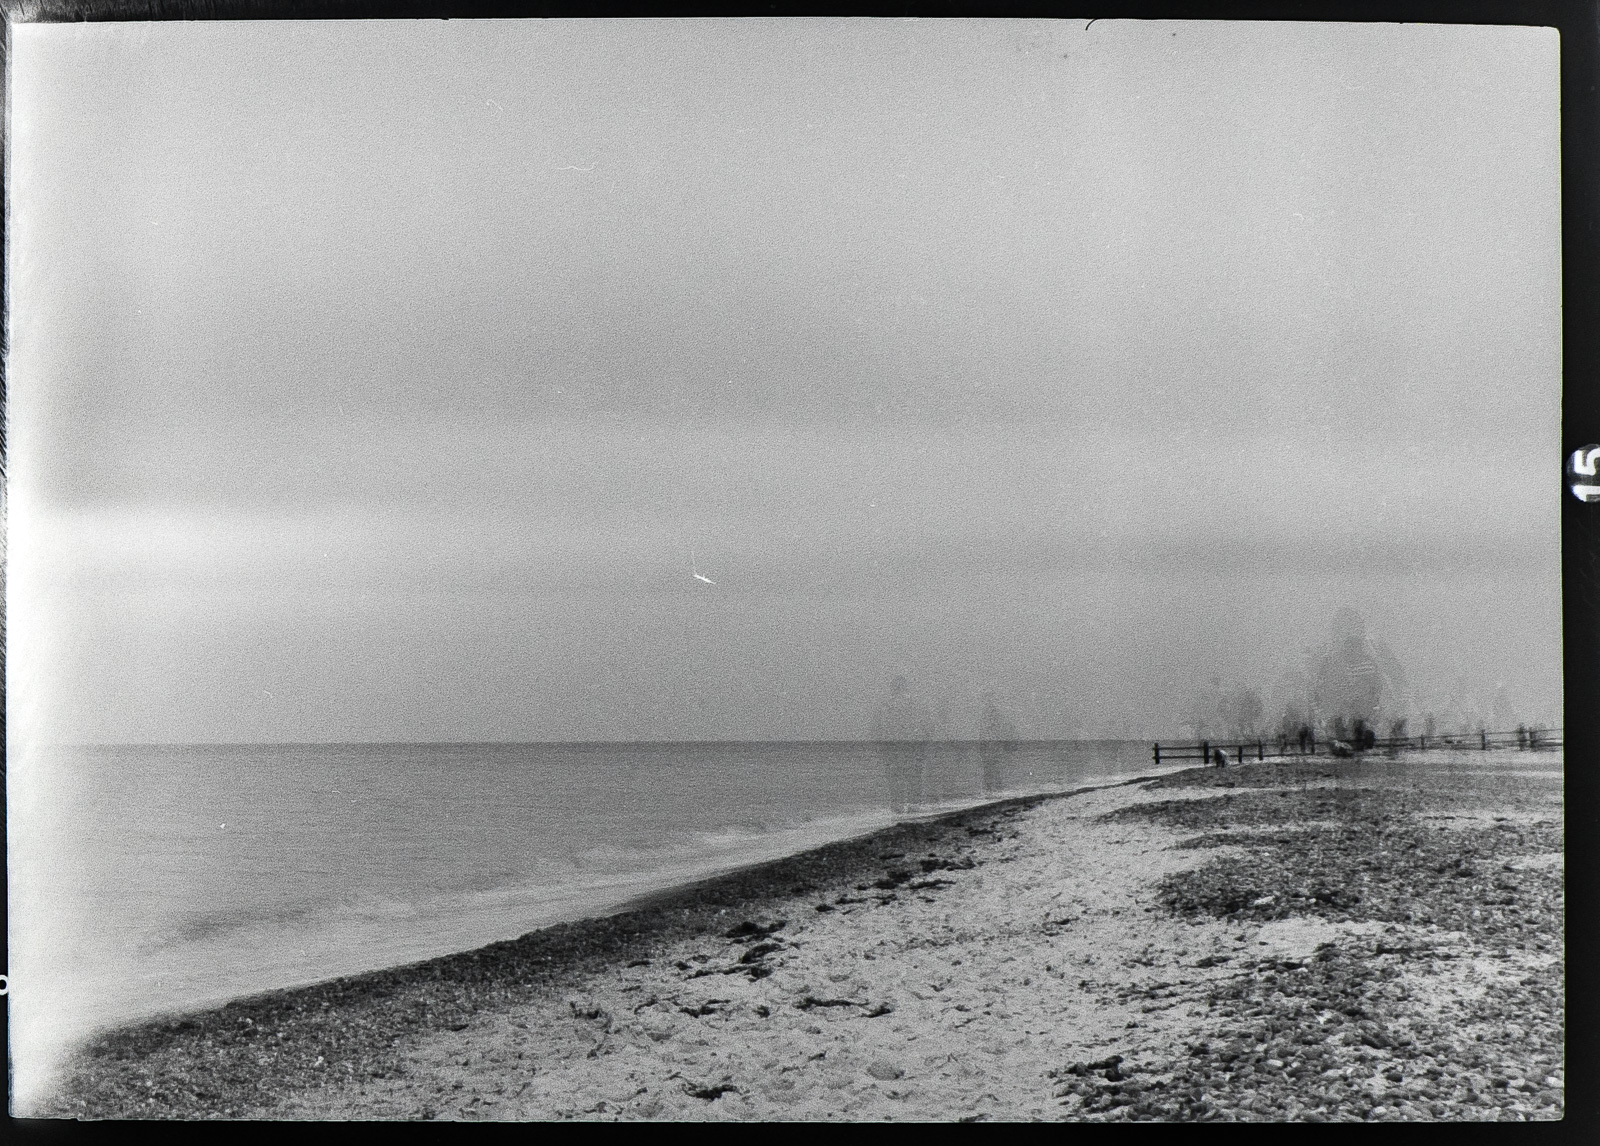 Darßer Ort, Strandansicht diffus, Langzeitbelichtung mit Menschenschatten